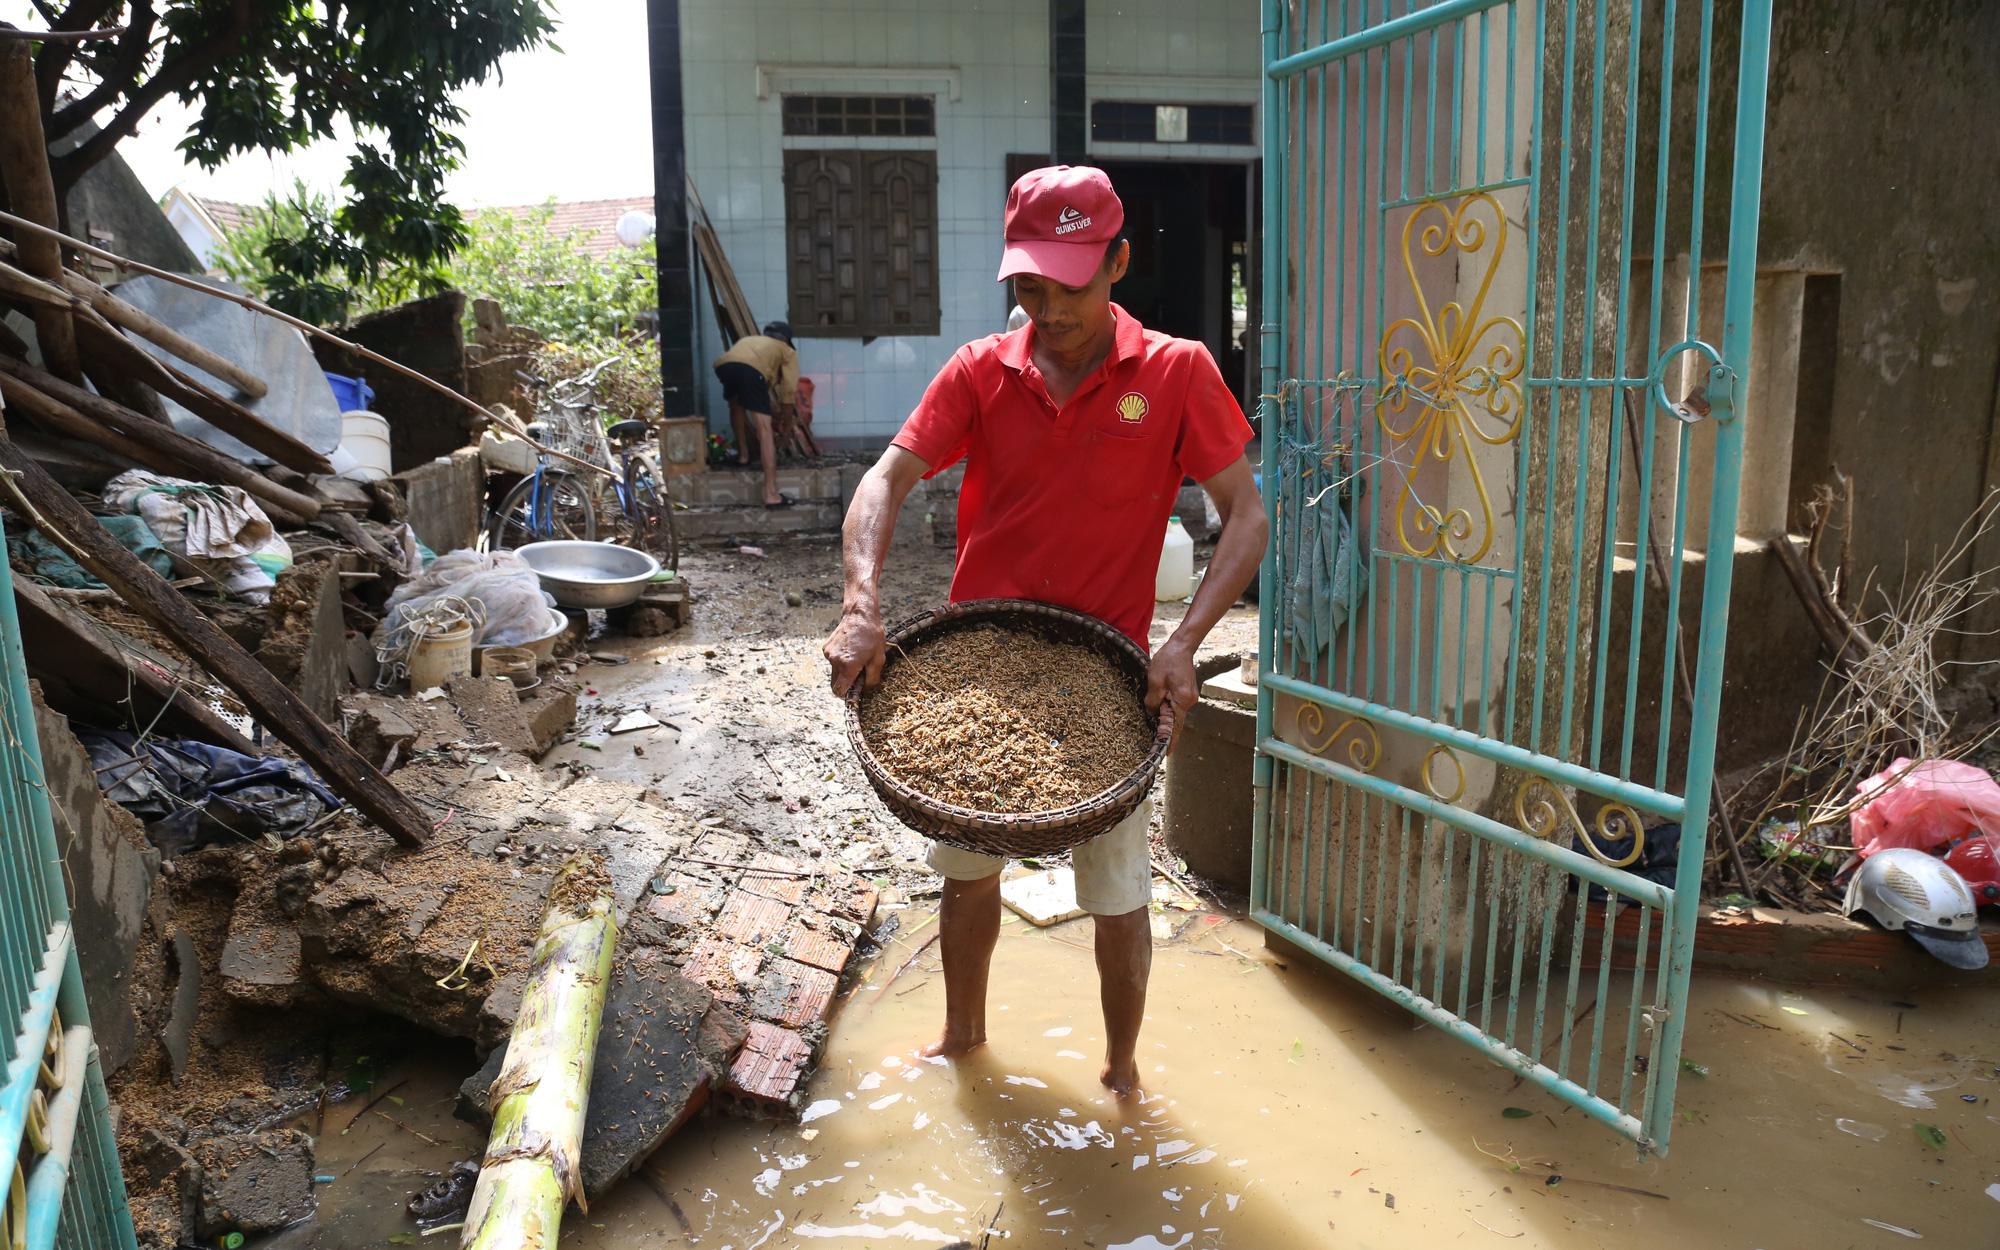 Sau trận lũ lịch sử, người dân vùng lũ Quảng Bình thực sự cần gì lúc này?